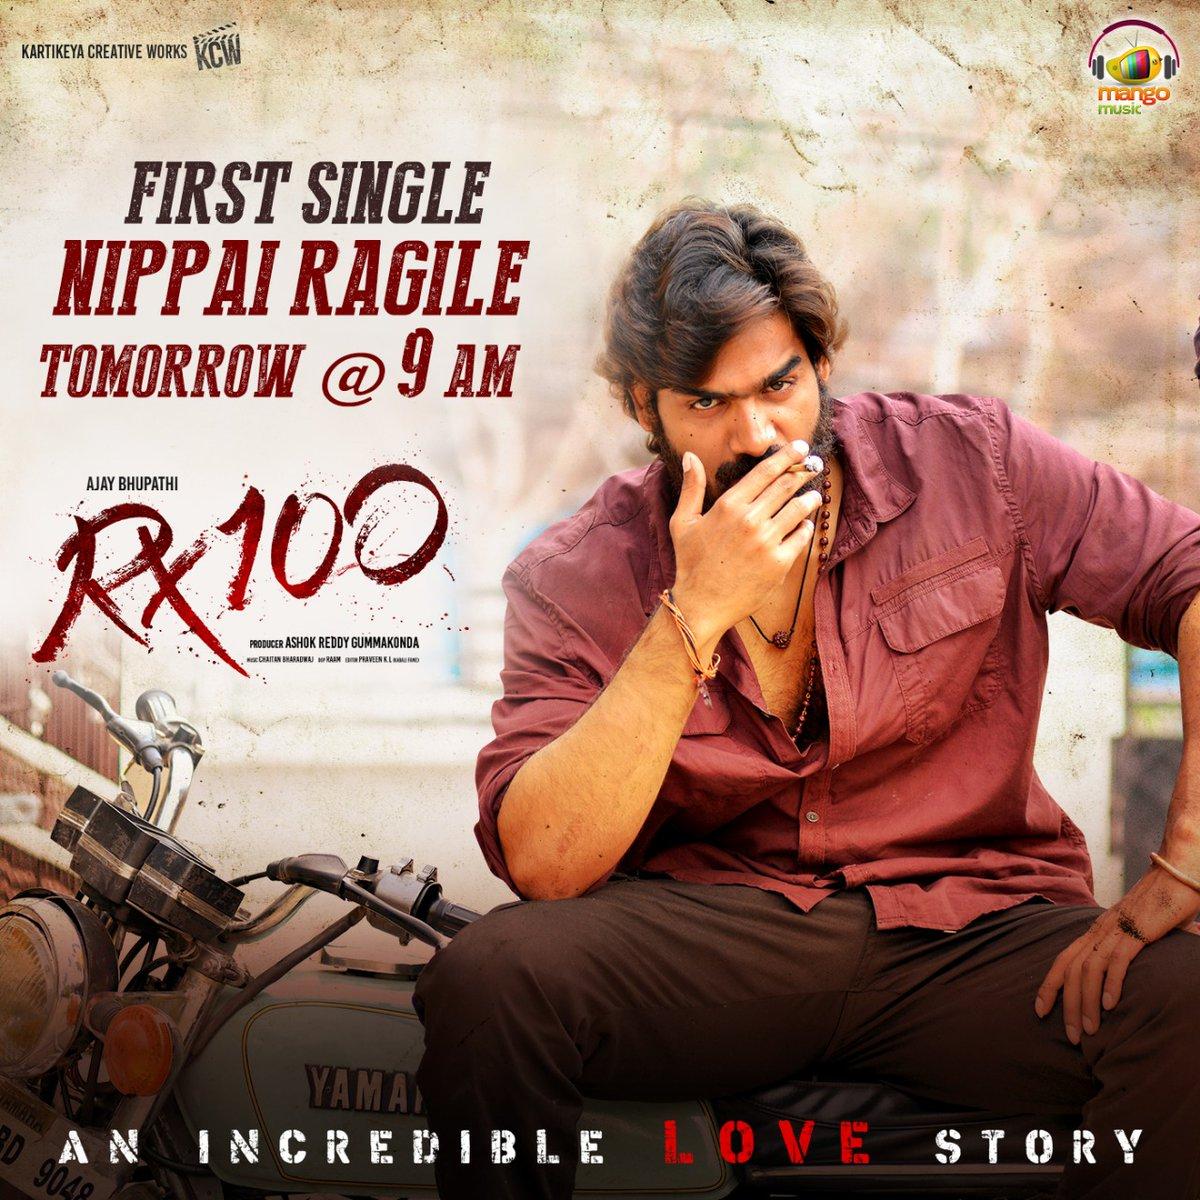 Telugu Movies on Twitter: